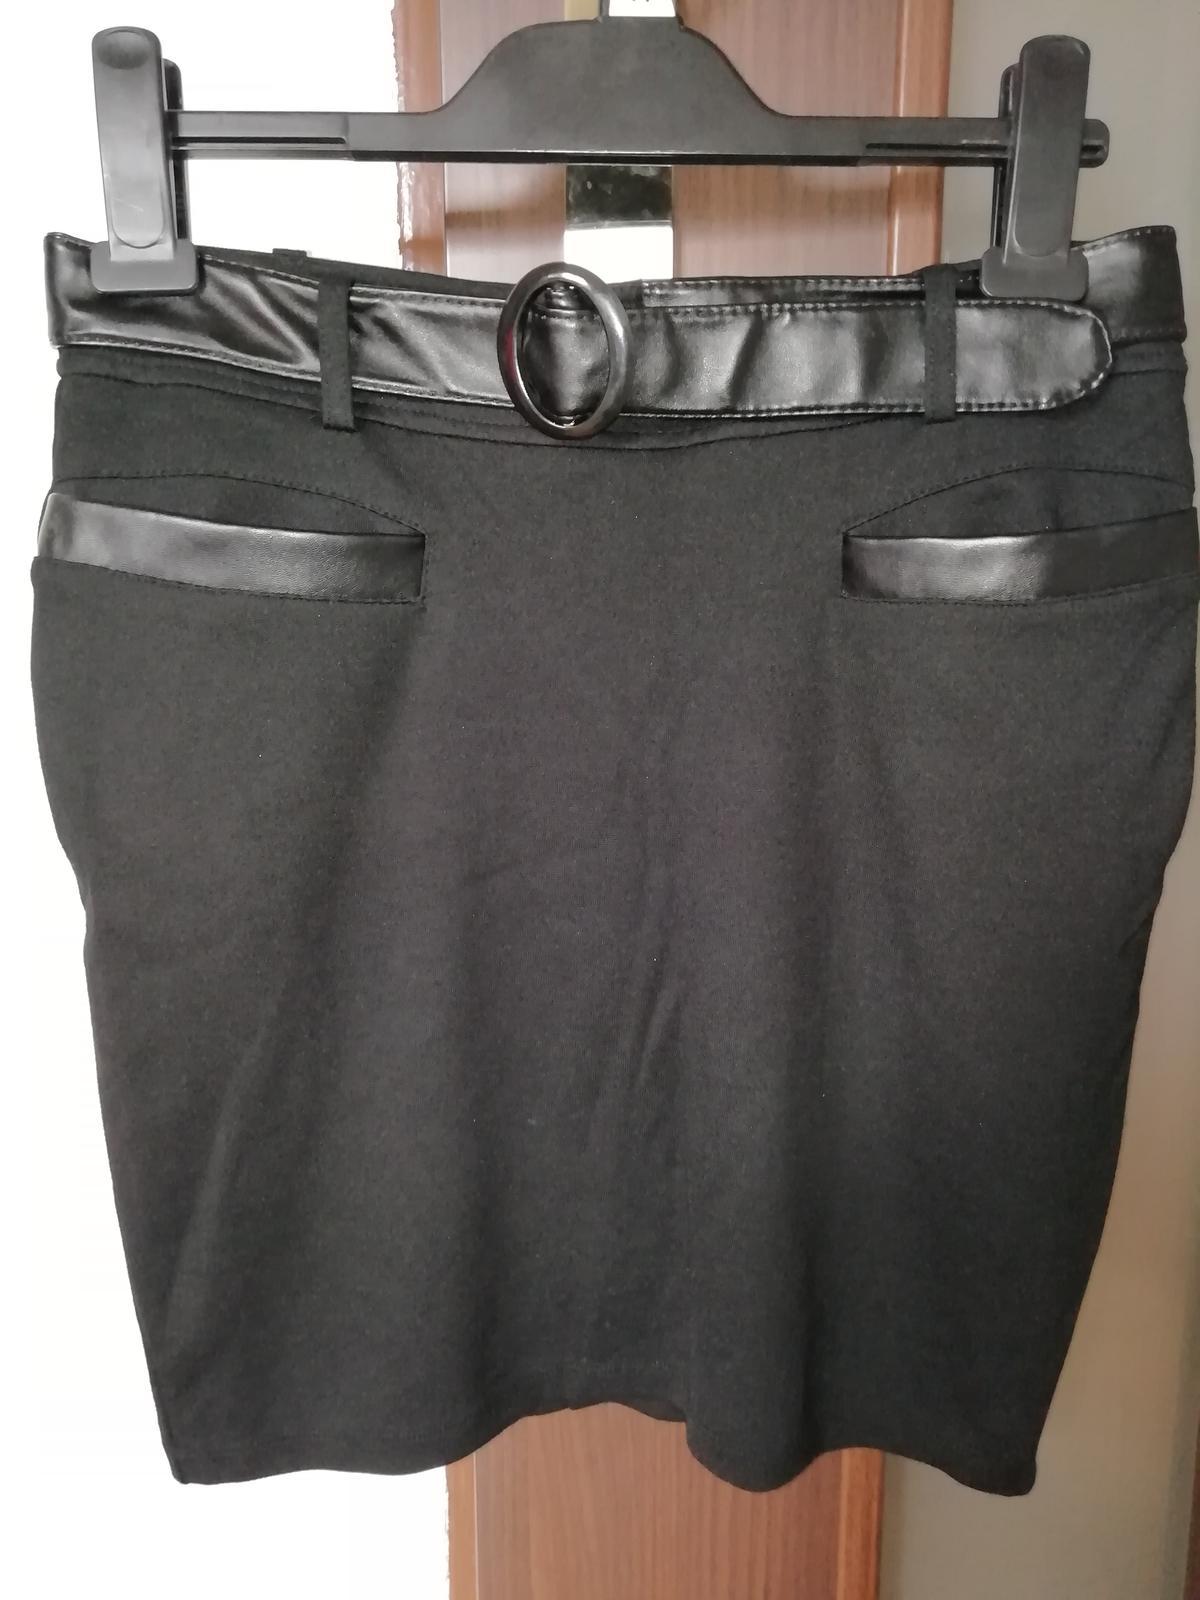 Čierna sukňa kenvelo - Obrázok č. 1